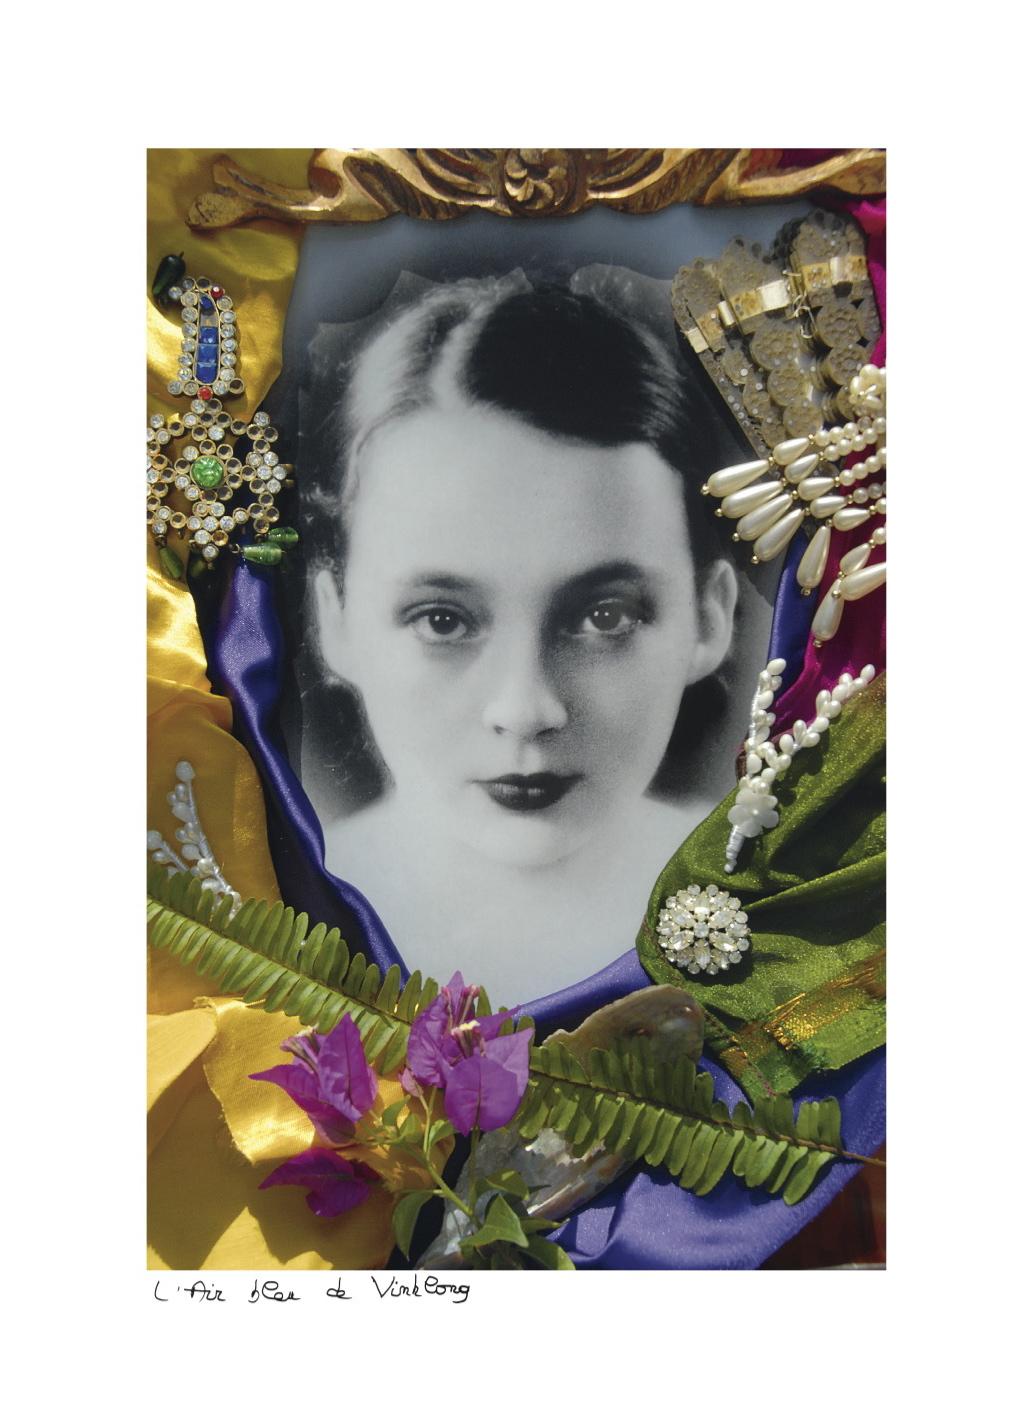 Christine Spengler - Hommage à Marguerite Duras - L'Air bleu de Vinh Long